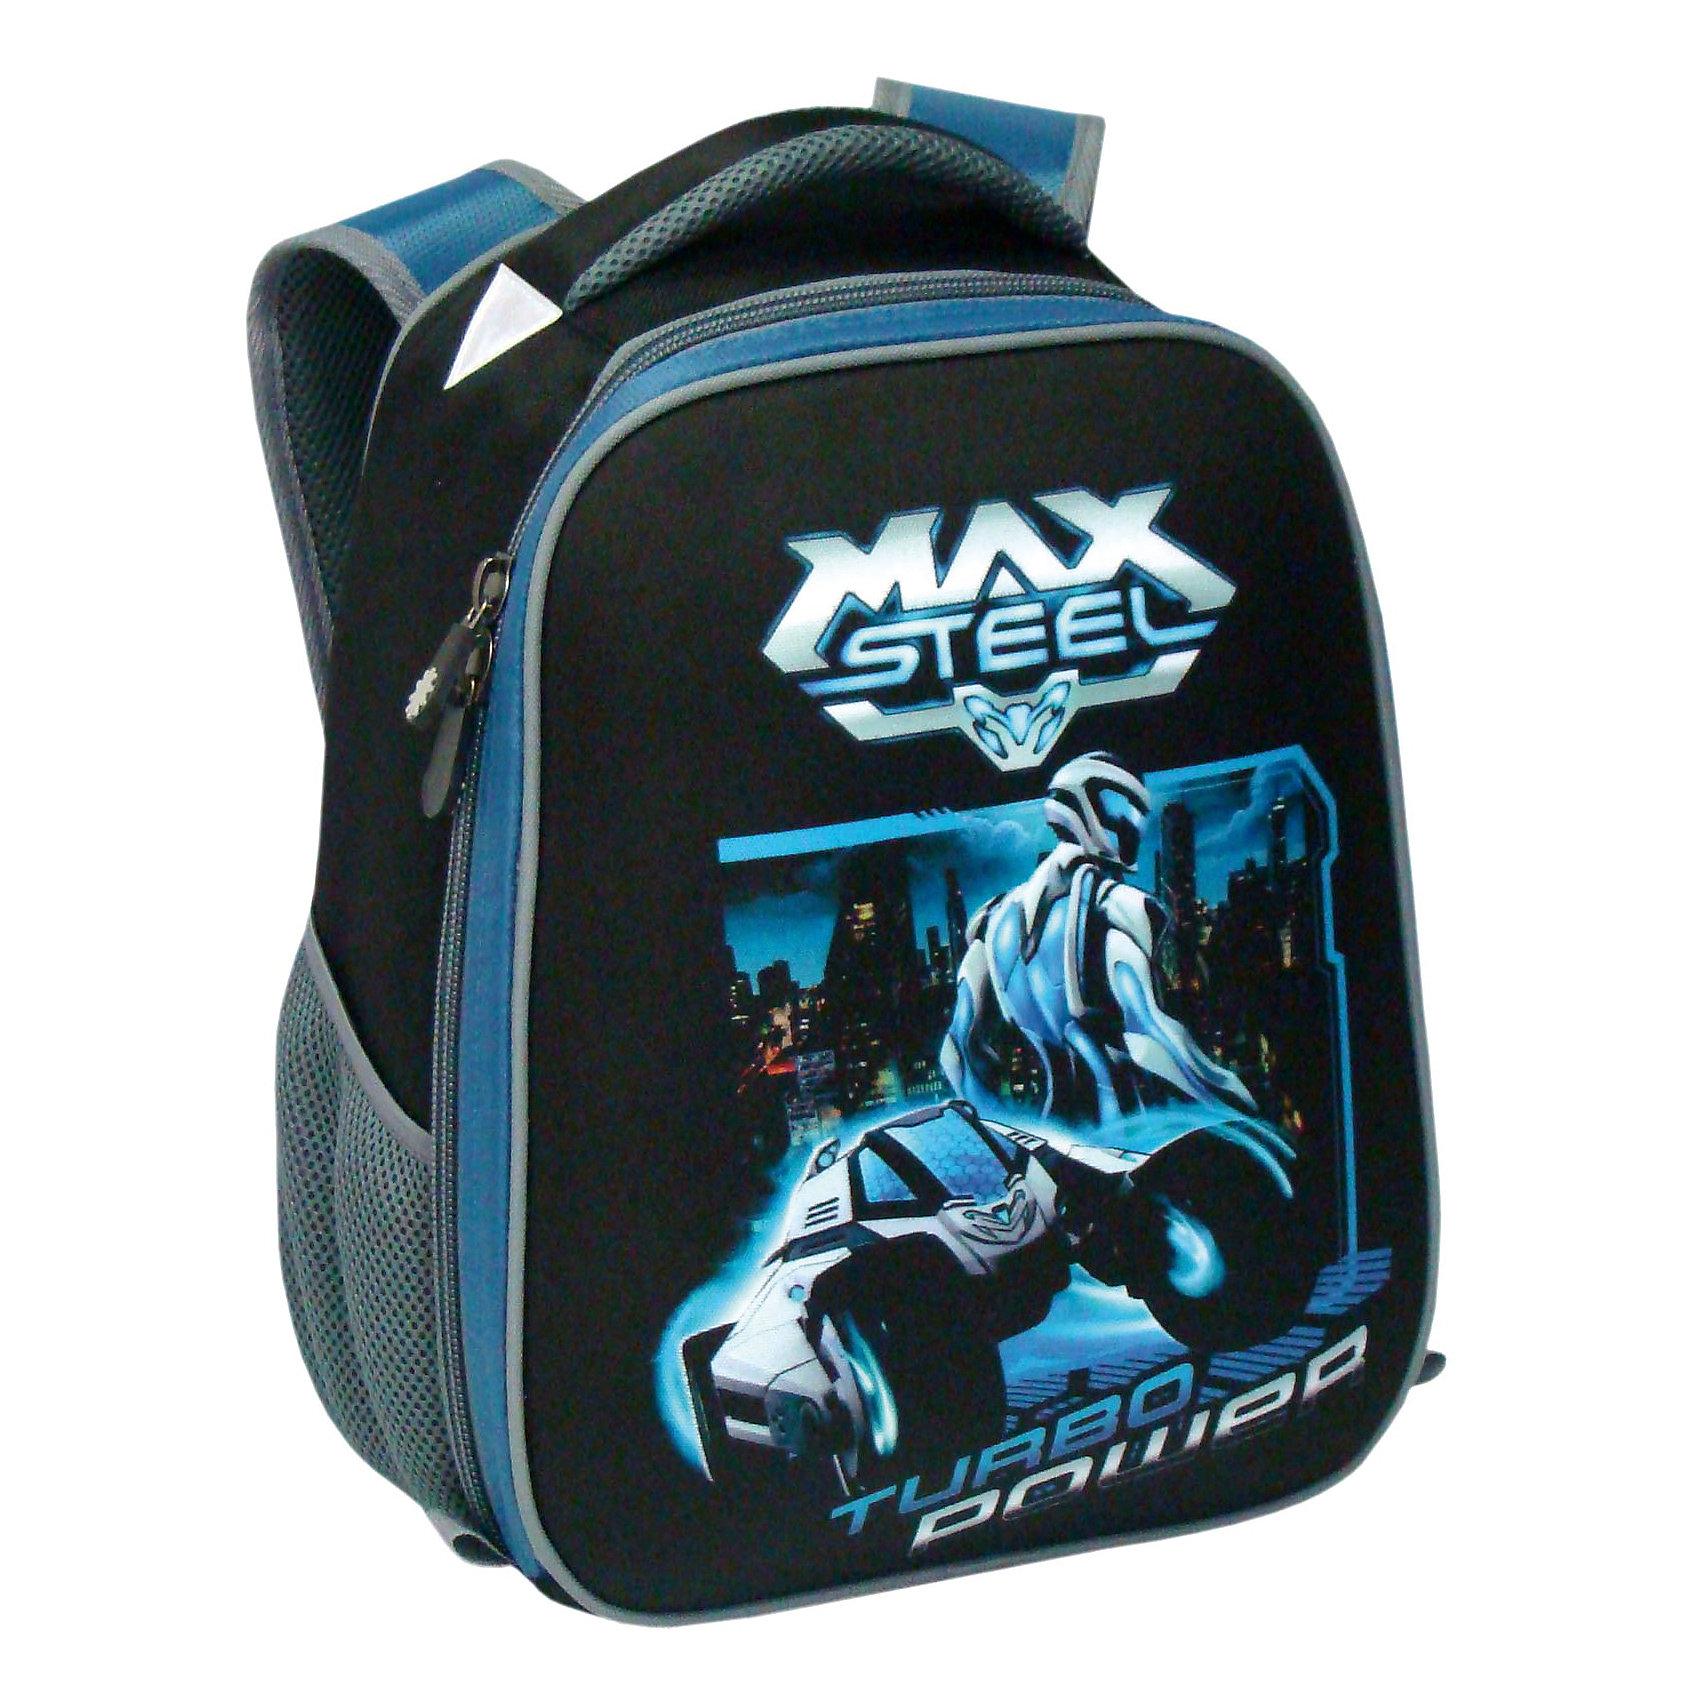 Школьный рюкзак, Max SteelРюкзак каркасный Max Steel, 38х31,5х17 см - этот яркий рюкзак вместит все, что нужно для успешного учебного дня.<br>Рюкзак Max Steel выполнен из прочного материала в стиле популярного мультсериала «Max Steel». Каркасная форма рюкзака помогает распределить нагрузку и защищает от врезания в спину ребенка краев учебников и других острых предметов. Эргономичная жесткая спинка позволяет выработать и сохранять правильную осанку ребенка. Уплотненные мягкие регулируемые лямки равномерно распределяют нагрузку по всей спине. У рюкзака имеется одно вместительное отделение два боковых кармана. Для переноски рюкзака в руках предусмотрена уплотненная ручка. Светоотражающие детали сделают Вашего ребенка заметным на дороге в темное время суток. У рюкзака жесткое ударопрочное дно, пластиковые ножки.<br><br>Дополнительная информация:<br><br>- Материал: нейлон, полиэстер<br>- Размер: 38х31,5х17 см.<br>- Вес: 770 гр.<br><br>Рюкзак каркасный Max Steel, 38х31,5х17 см можно купить в нашем интернет-магазине.<br><br>Ширина мм: 170<br>Глубина мм: 315<br>Высота мм: 380<br>Вес г: 770<br>Возраст от месяцев: 36<br>Возраст до месяцев: 120<br>Пол: Мужской<br>Возраст: Детский<br>SKU: 4098772